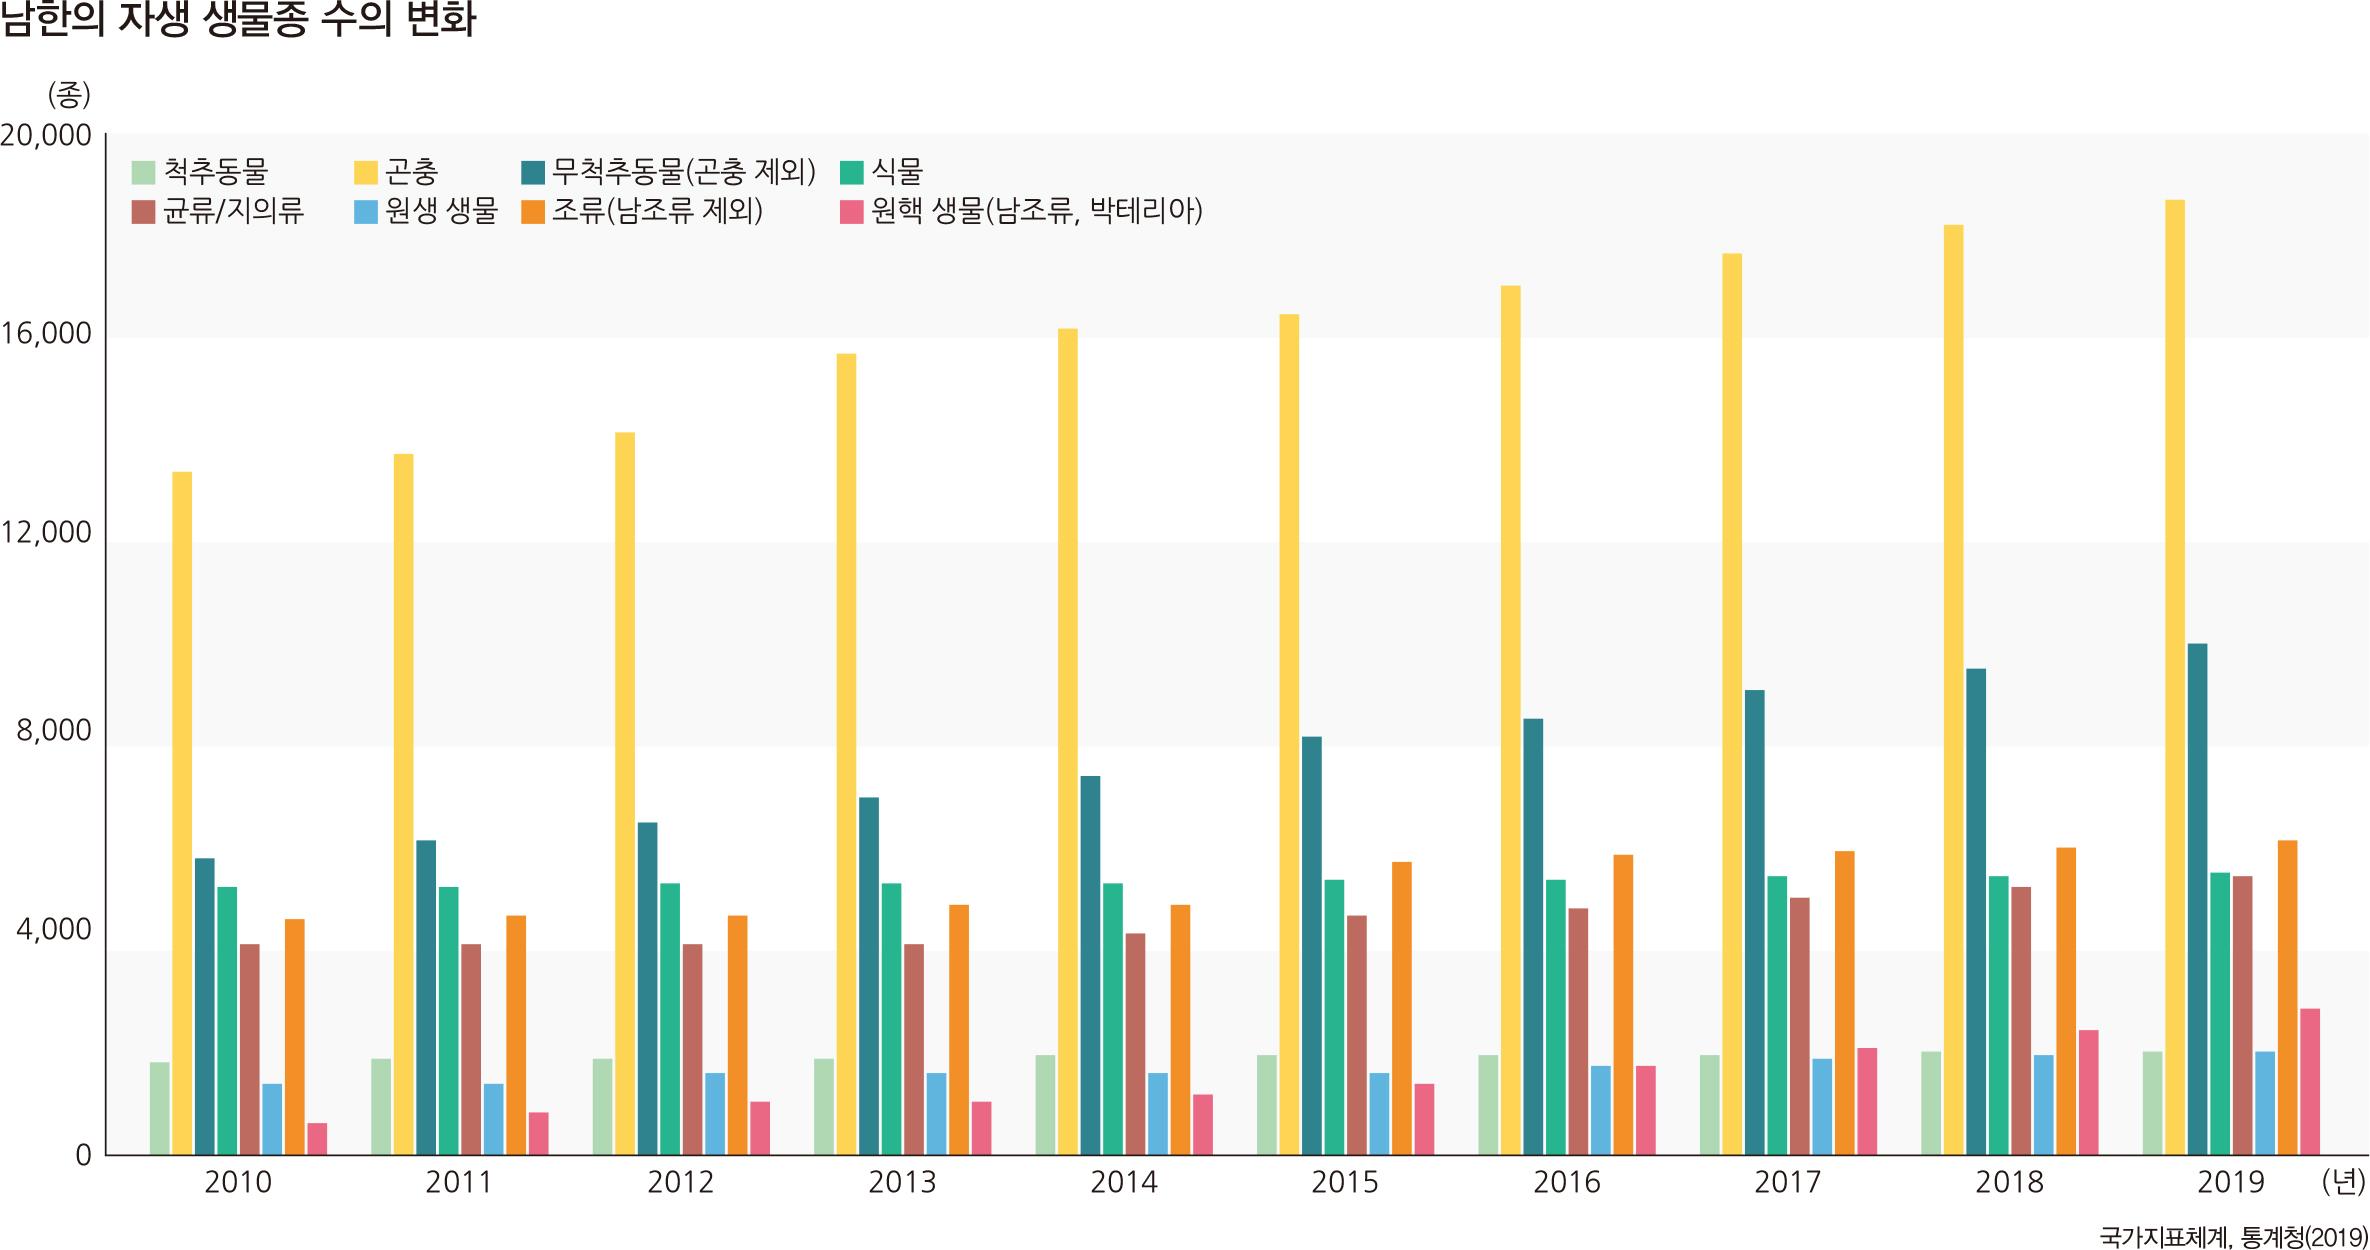 남한의 자생 생물종 수의 변화